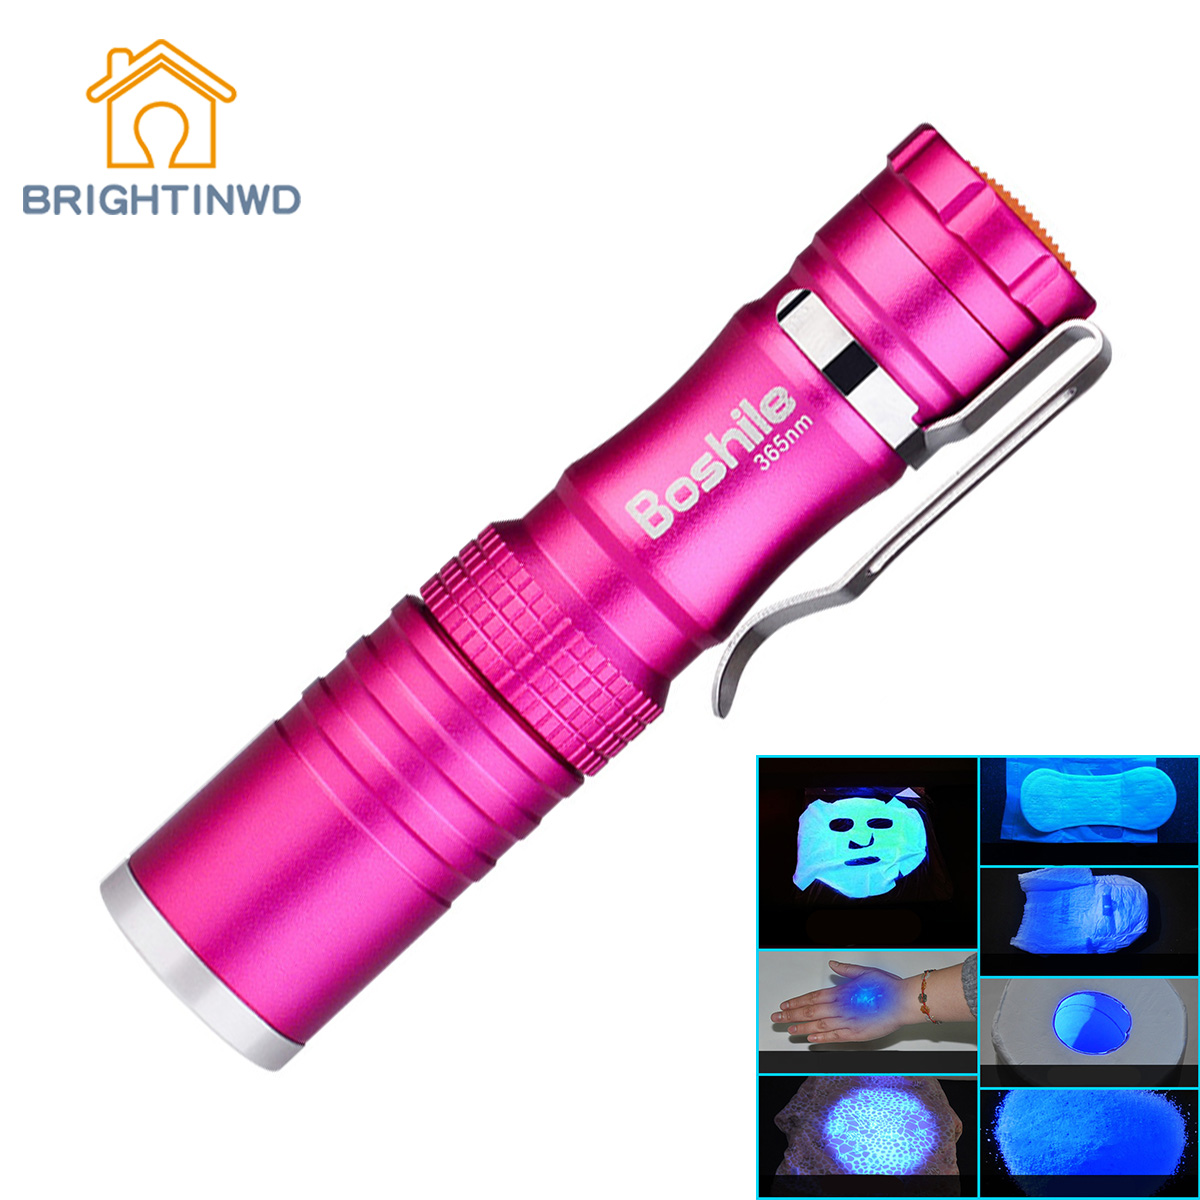 Brightinwd фосфор обнаружения ручка Серебряная УФ-детектор фонарик Перезаряжаемые маска для Тесты фиолетовый свет